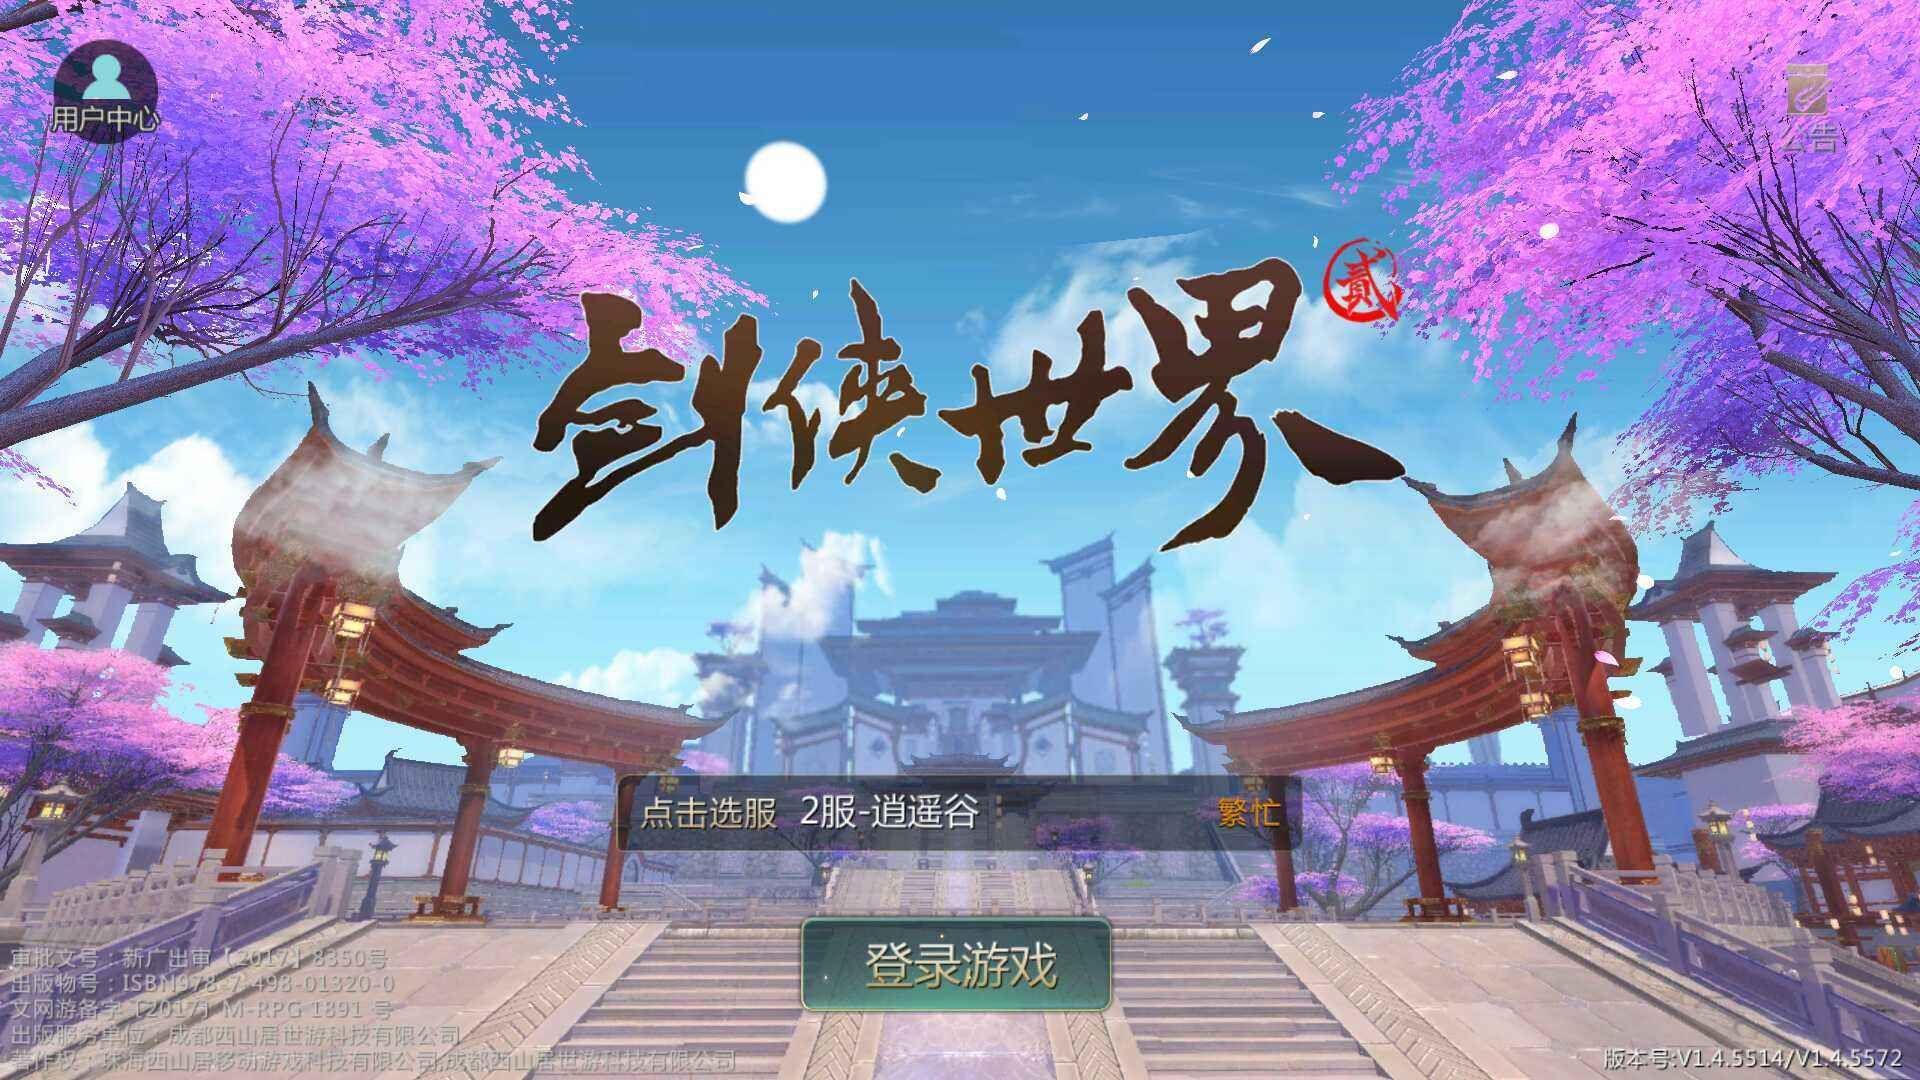 《剑侠世界2》手游魅力女神节群芳争艳 海选阶段正式结束[多图]图片2